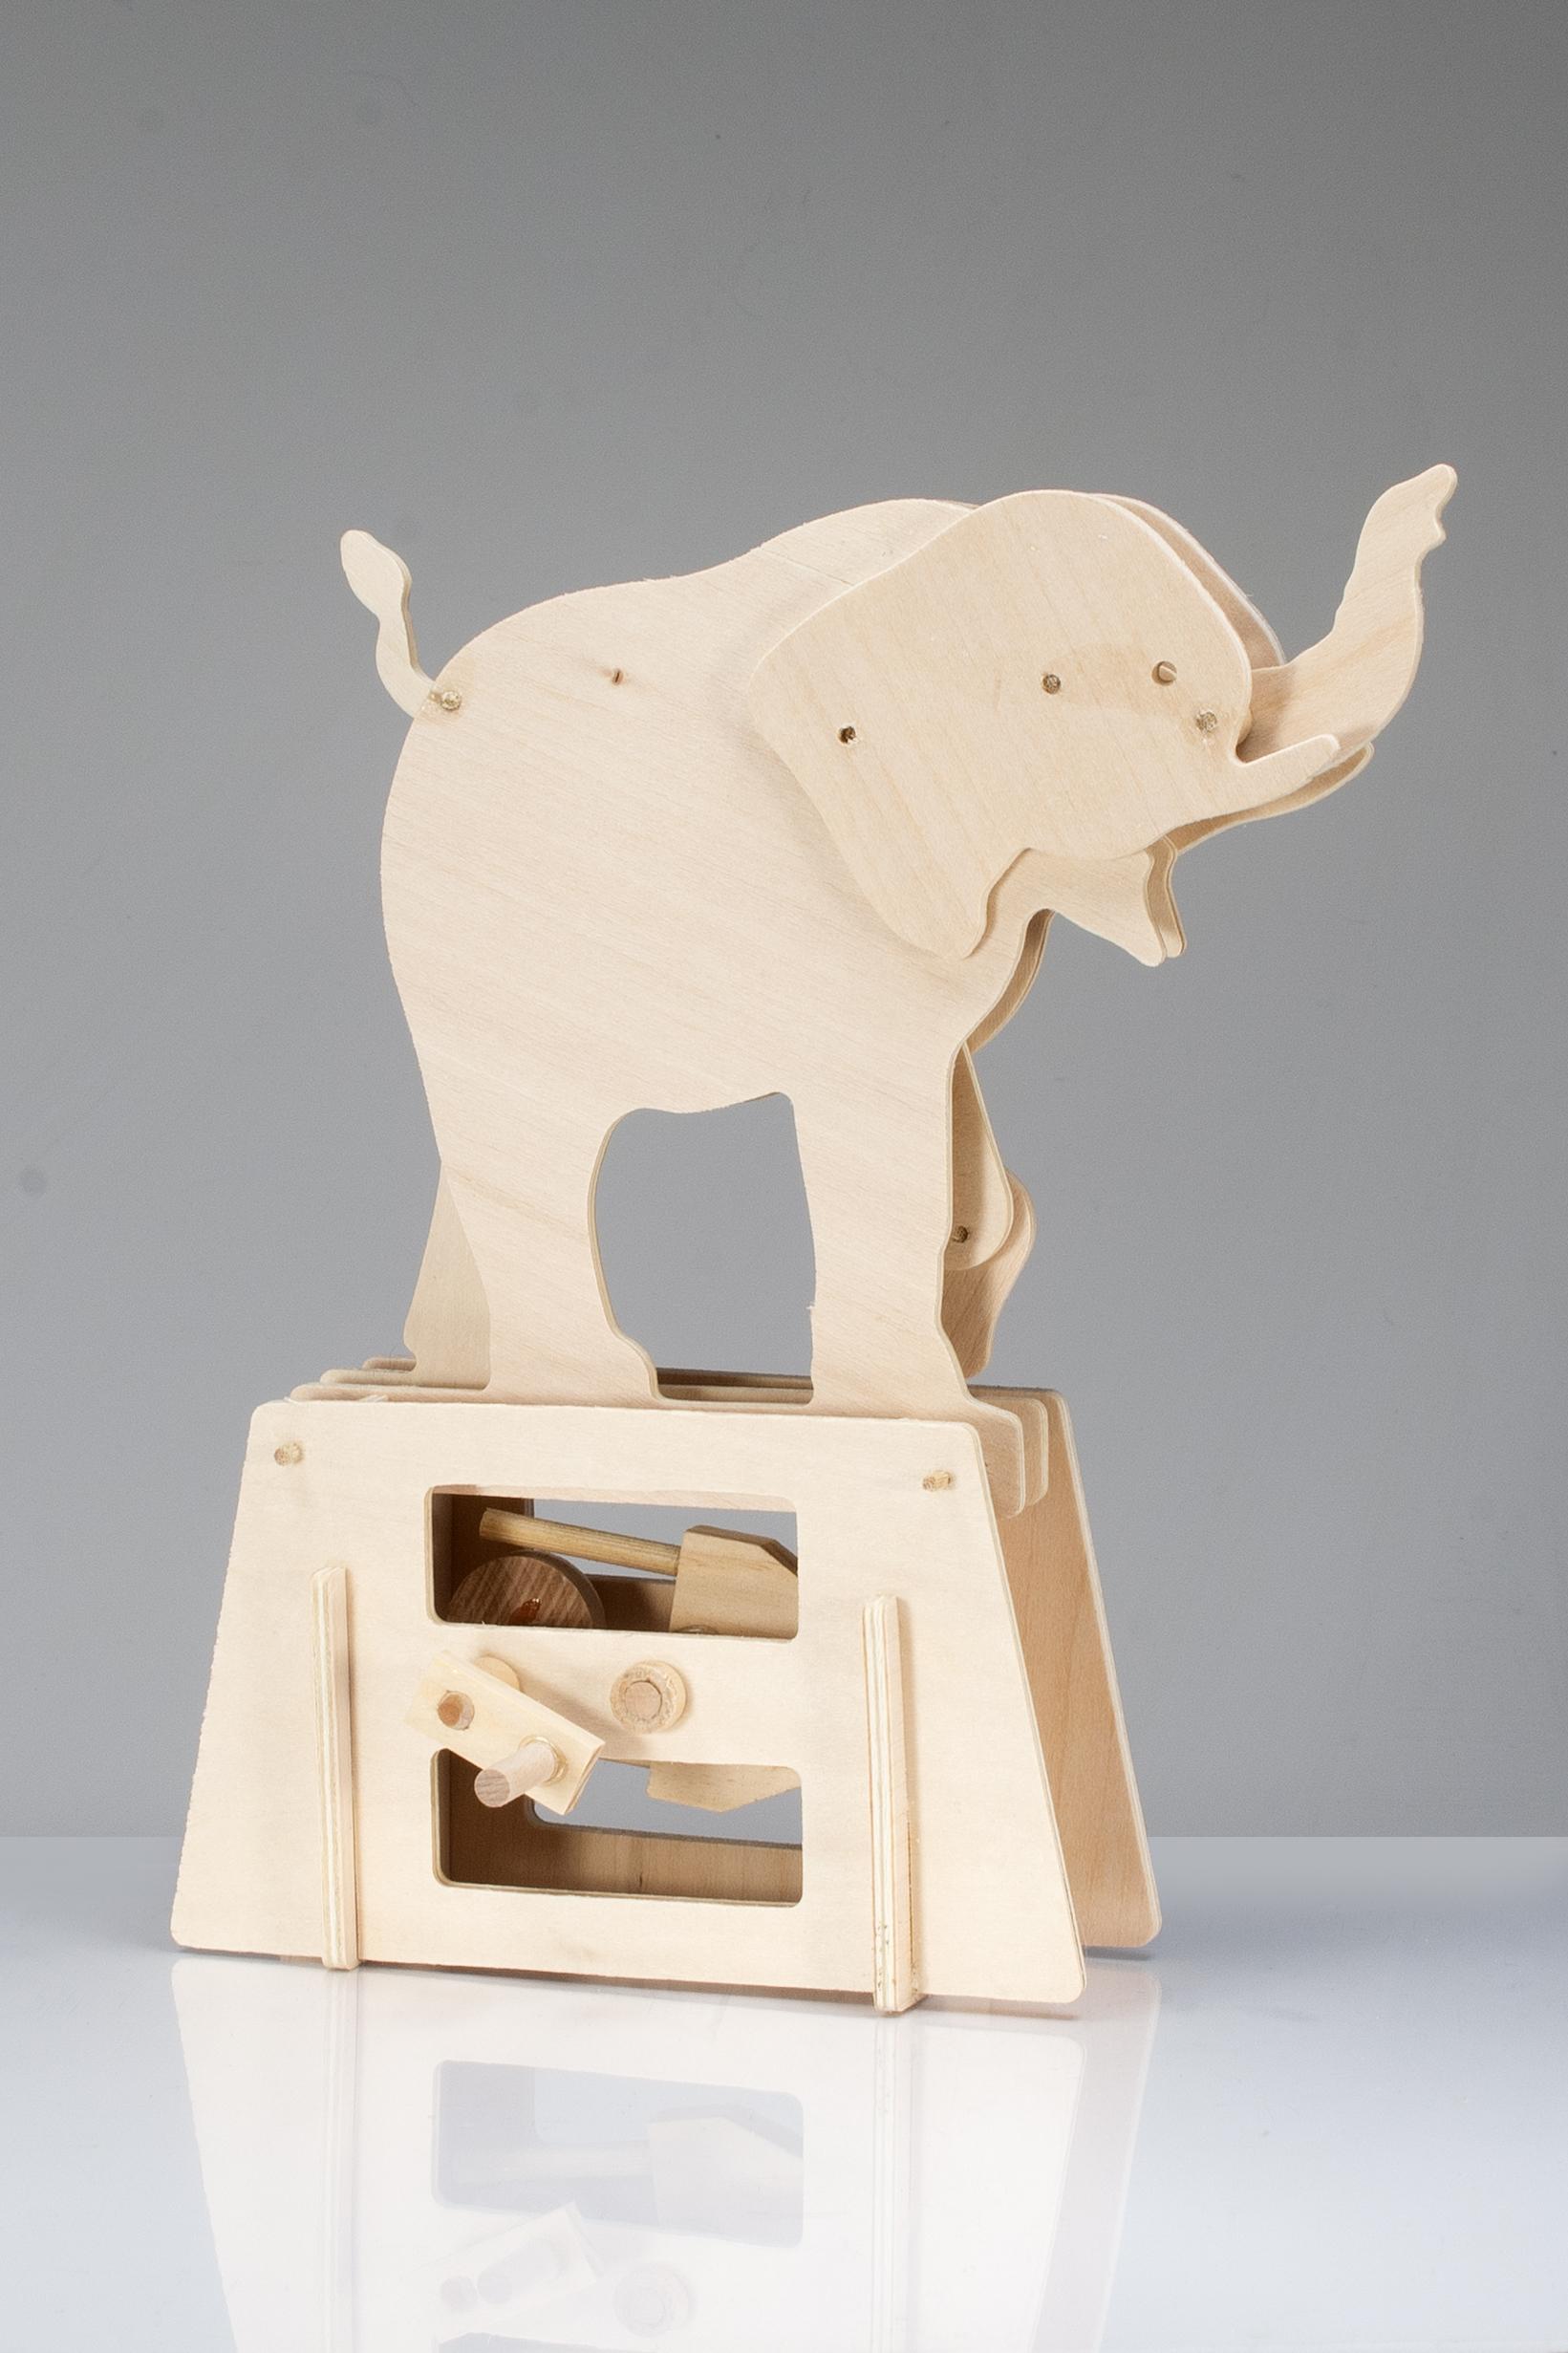 Flatbits Elephant Wooden Automata Kit -0